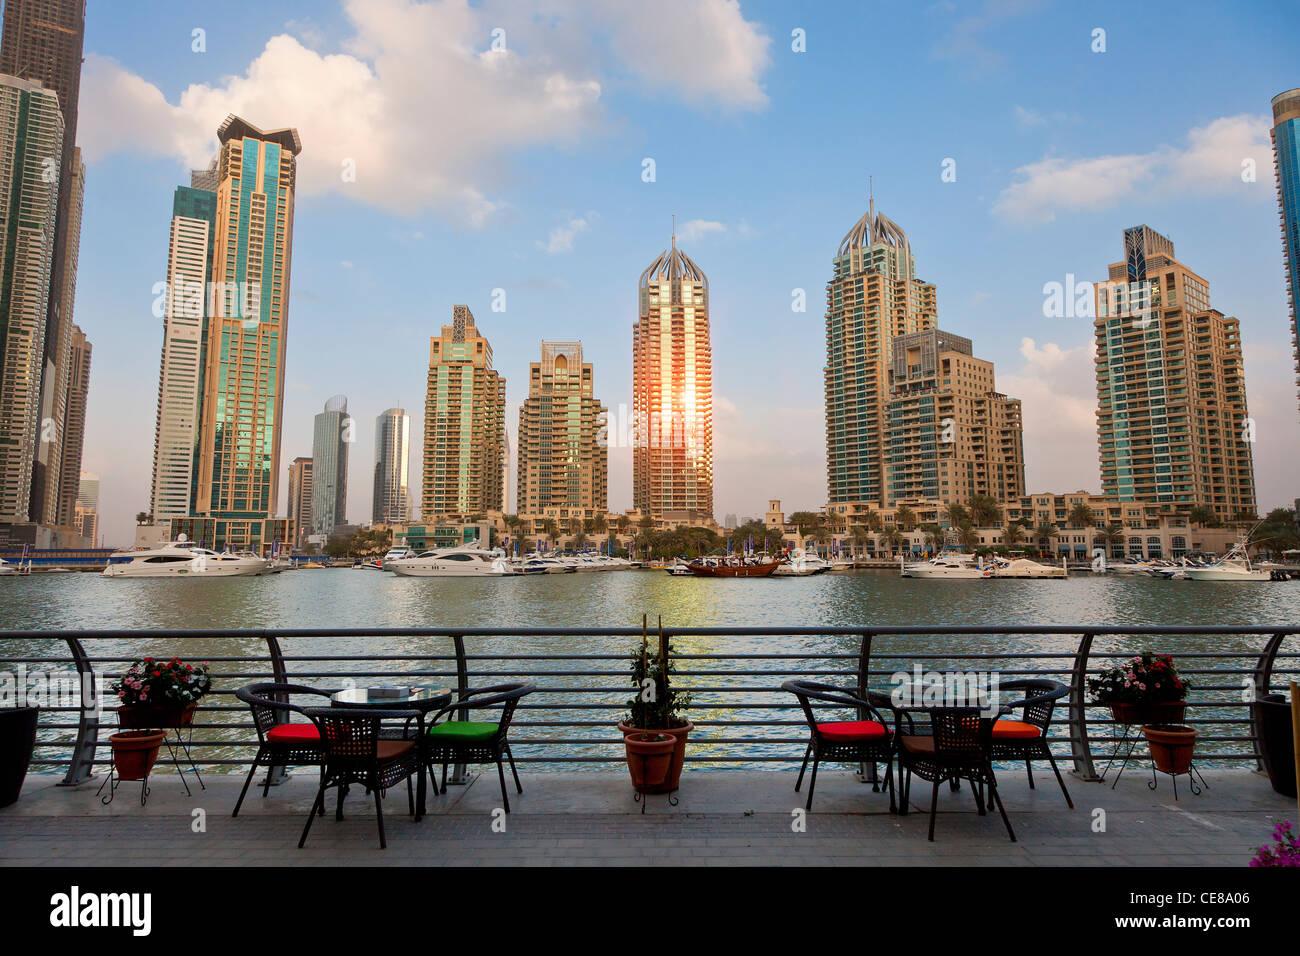 Asia, Arabia, Dubai Emirate, Dubai, Harbor and Skyscrapers of Dubai Marina - Stock Image